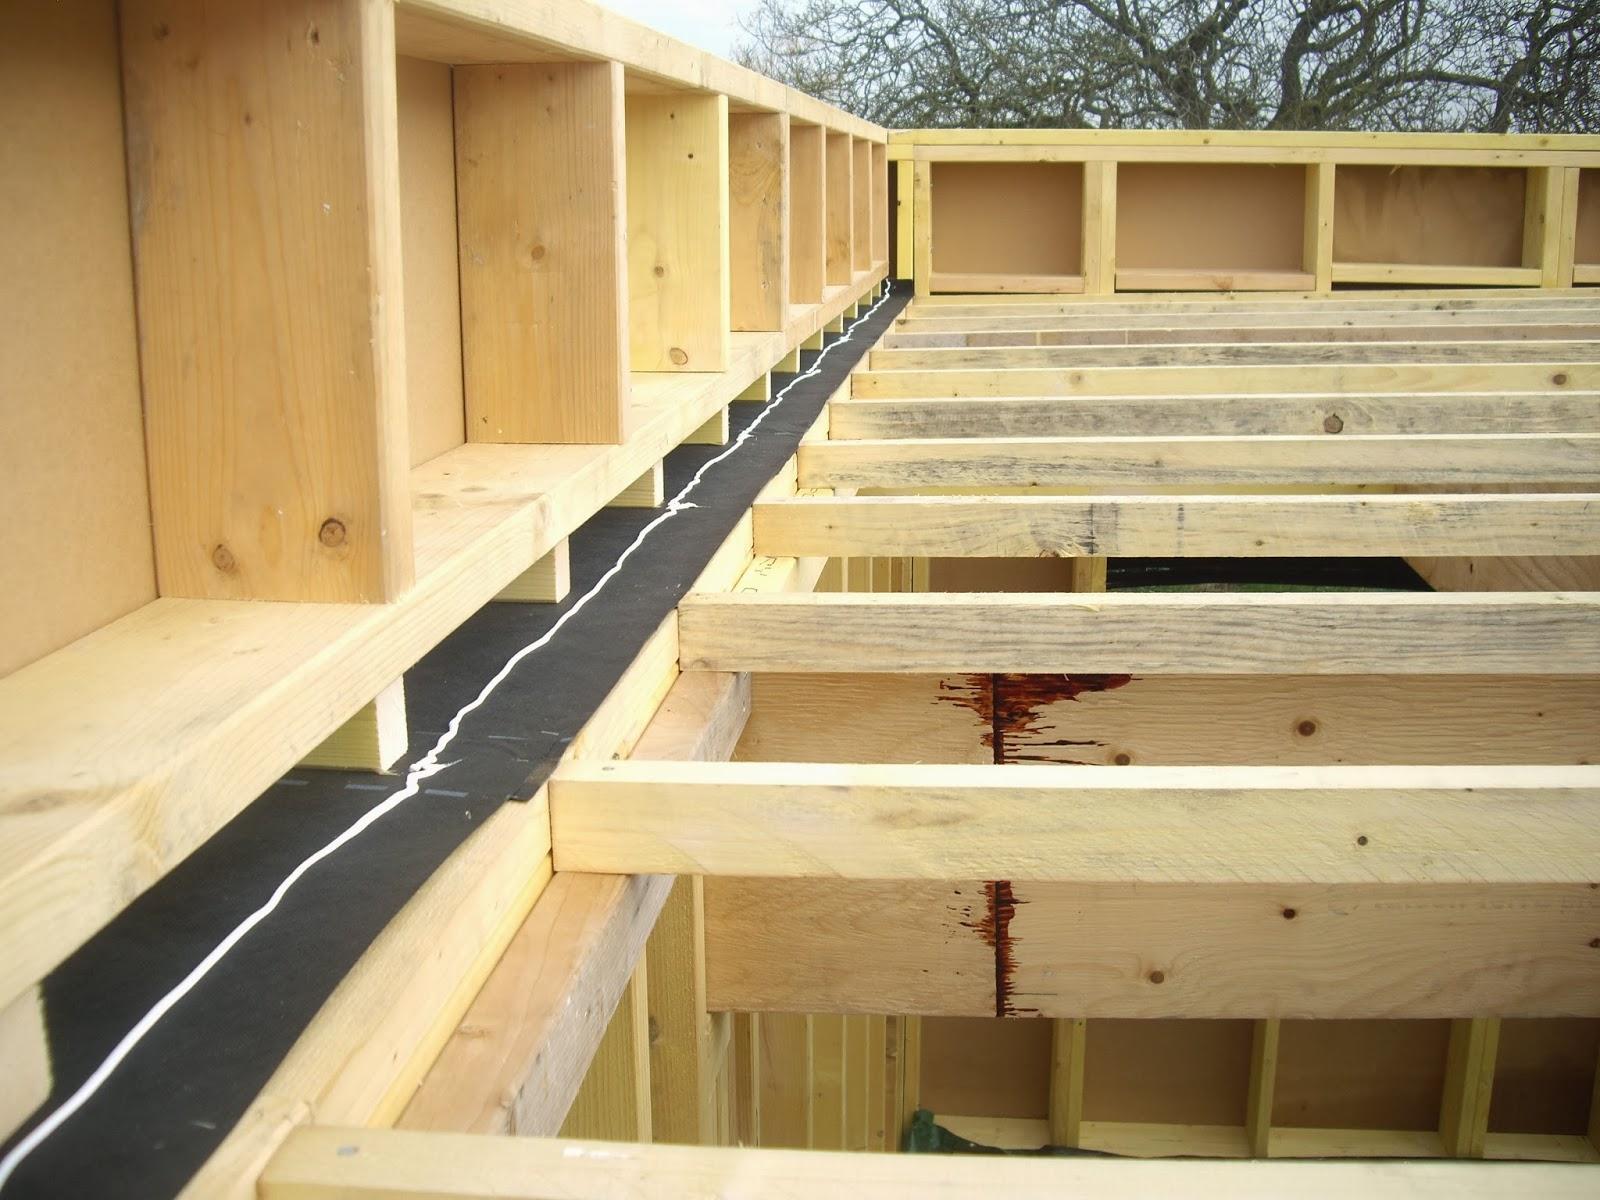 Notre auto construction passive Maison ossature bois M